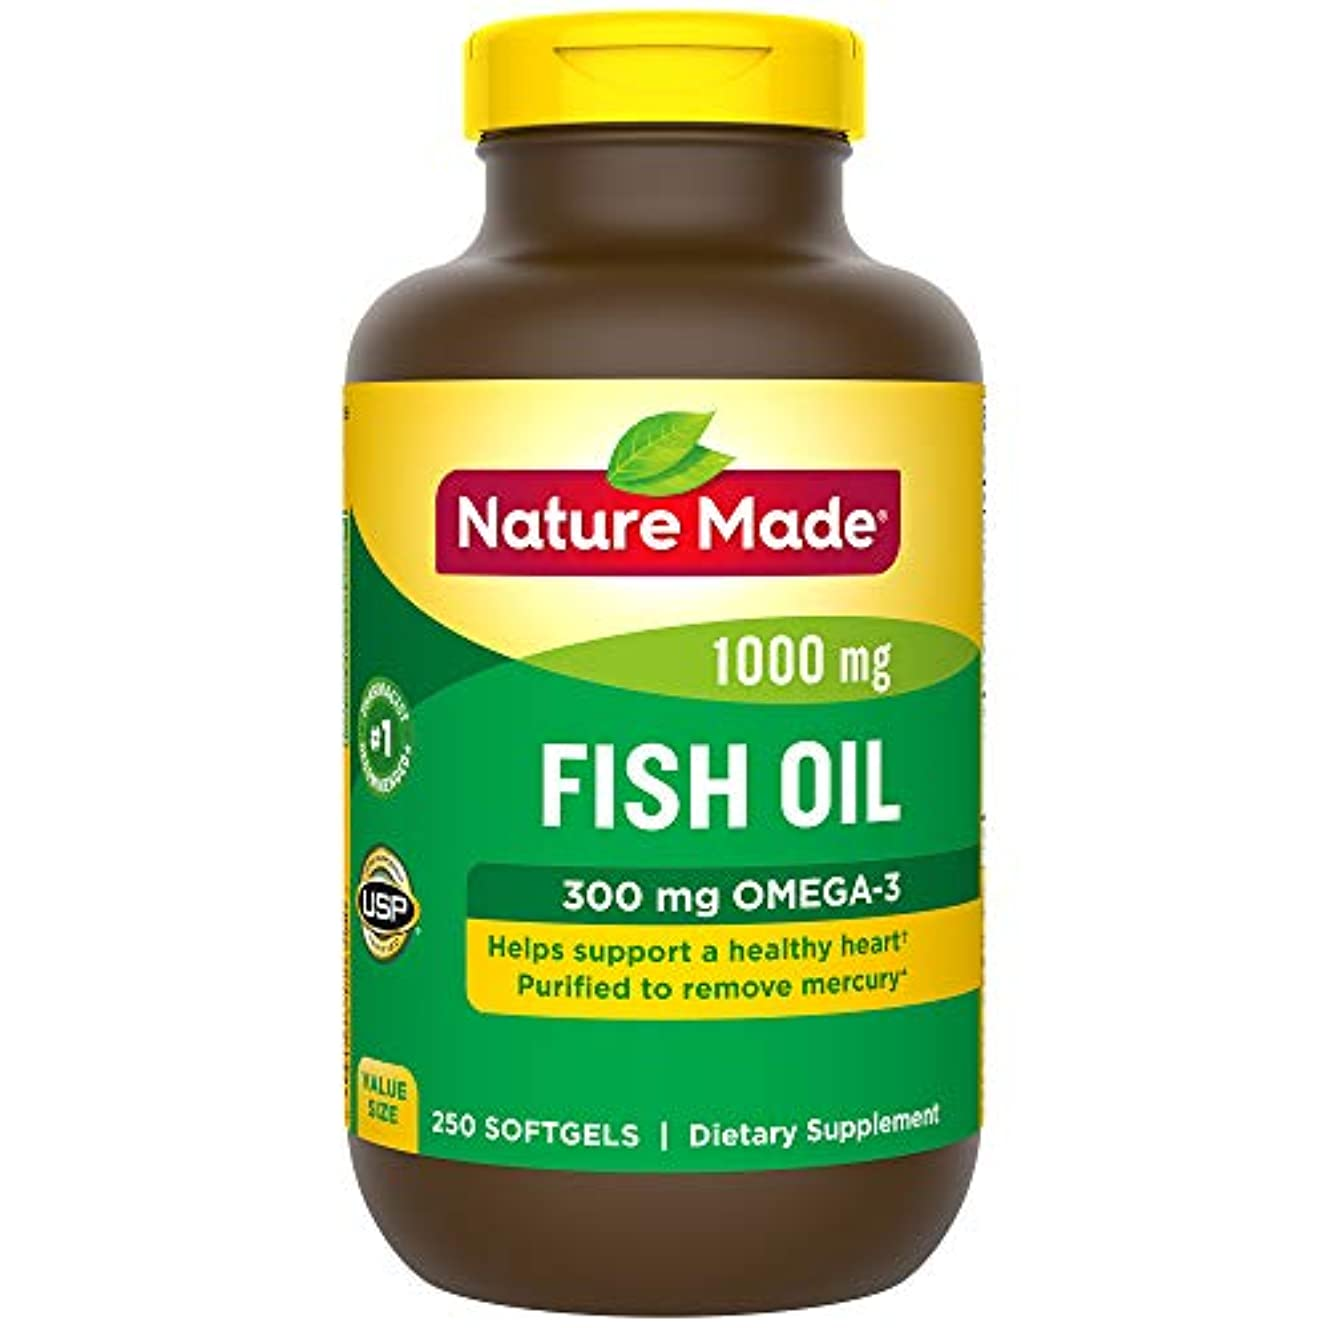 エステートコンセンサス印刷するNature Made Fish Oil 1000 Mg, Value Size, Softgels, 250-Count 海外直送品